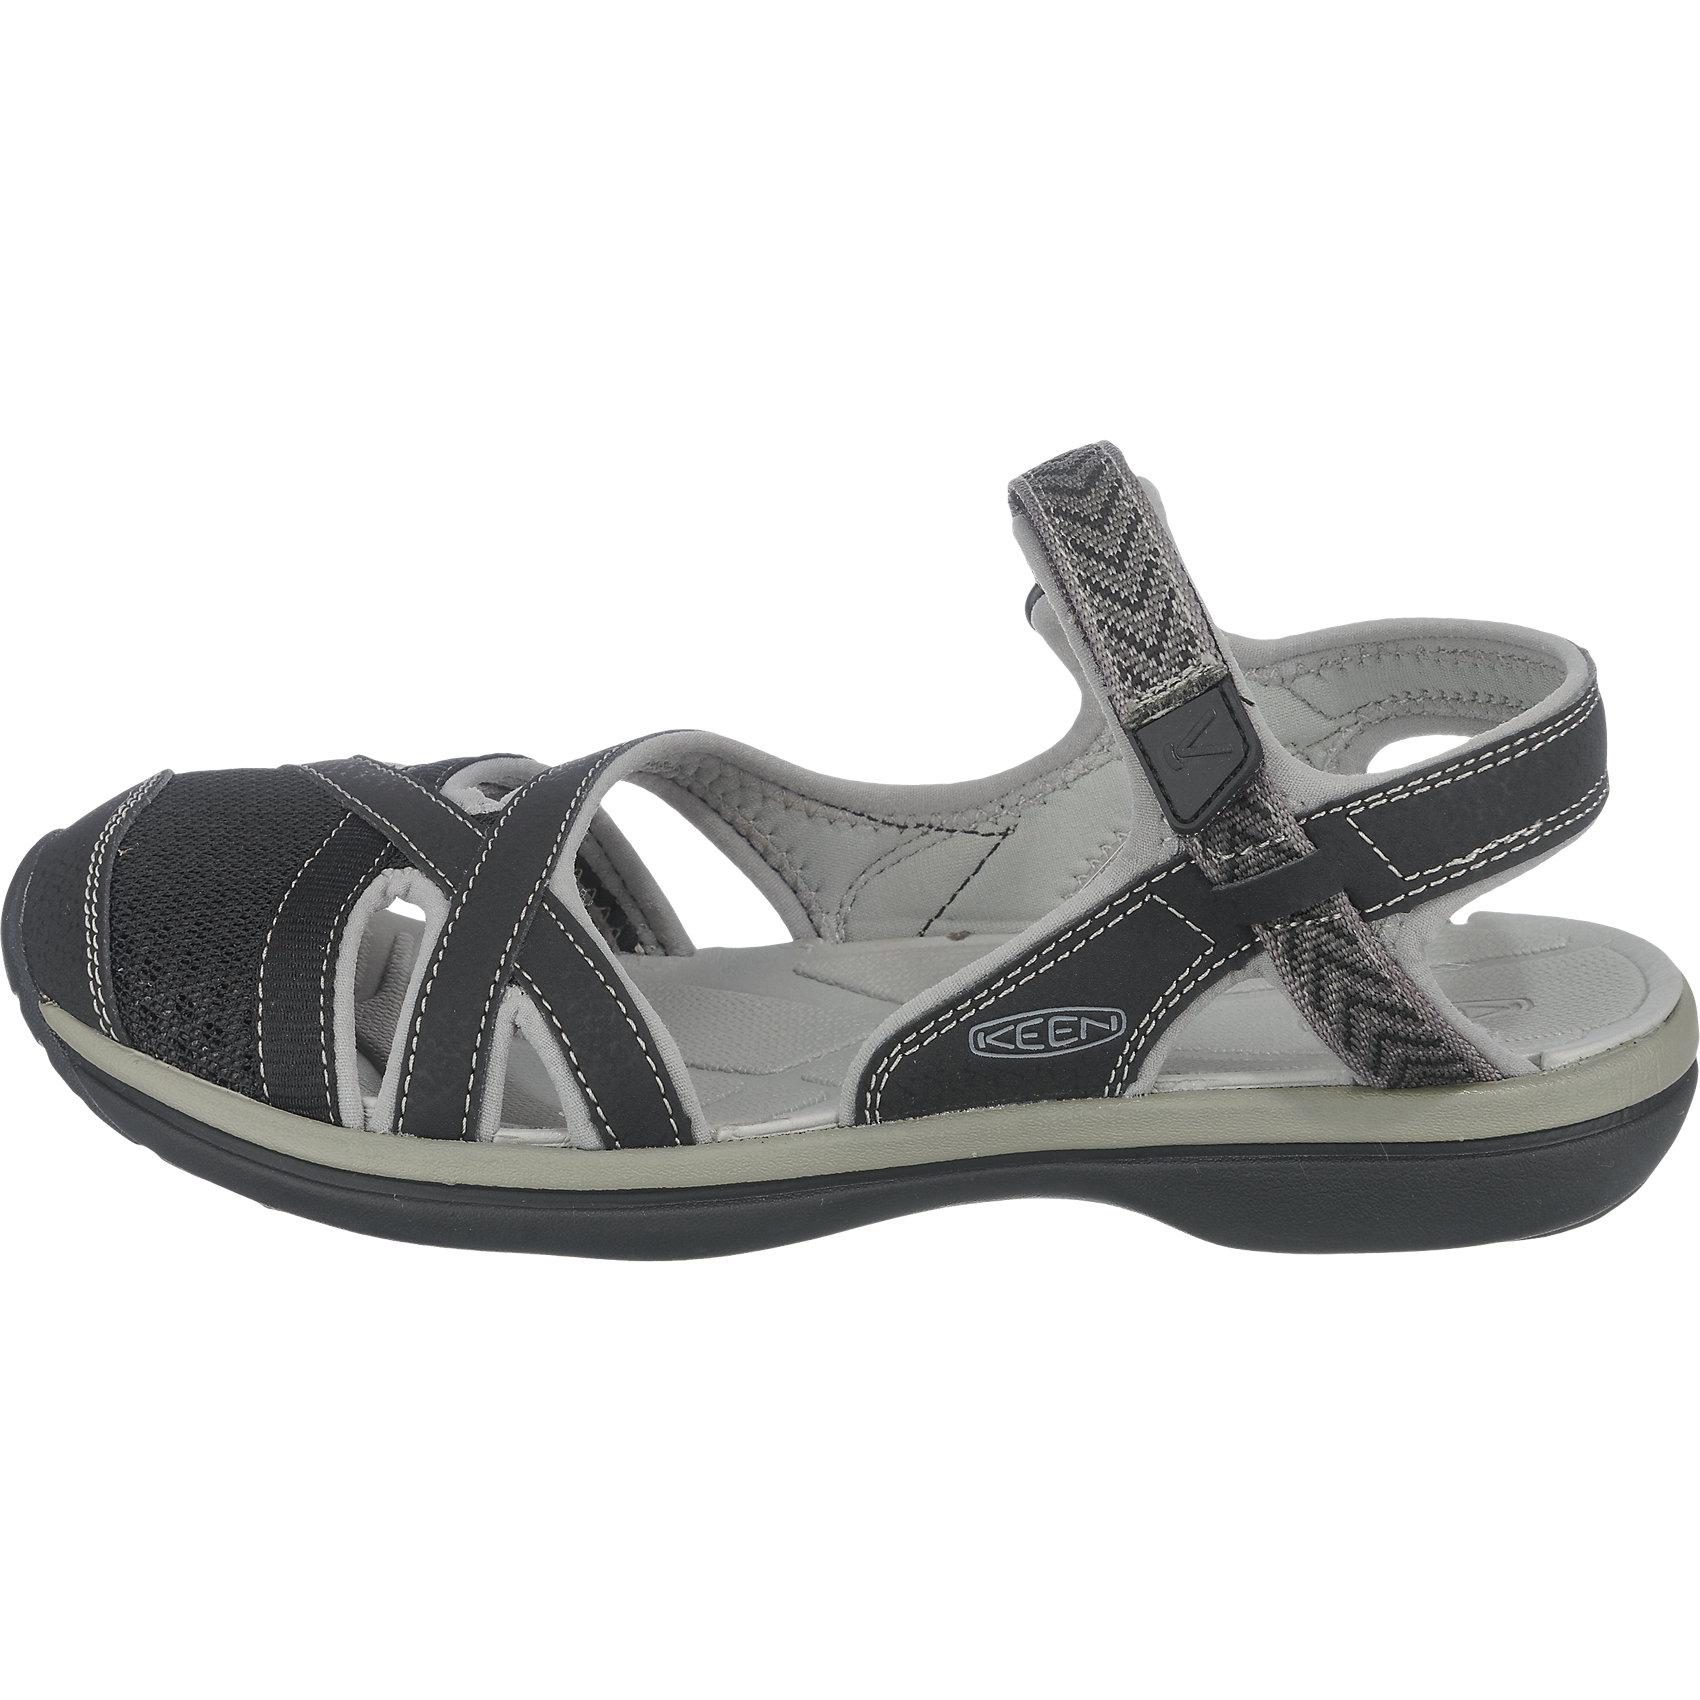 e1774f4bda94 Neu KEEN Sage Ankle Outdoor Sandalen 5770474 für Damen schwarz